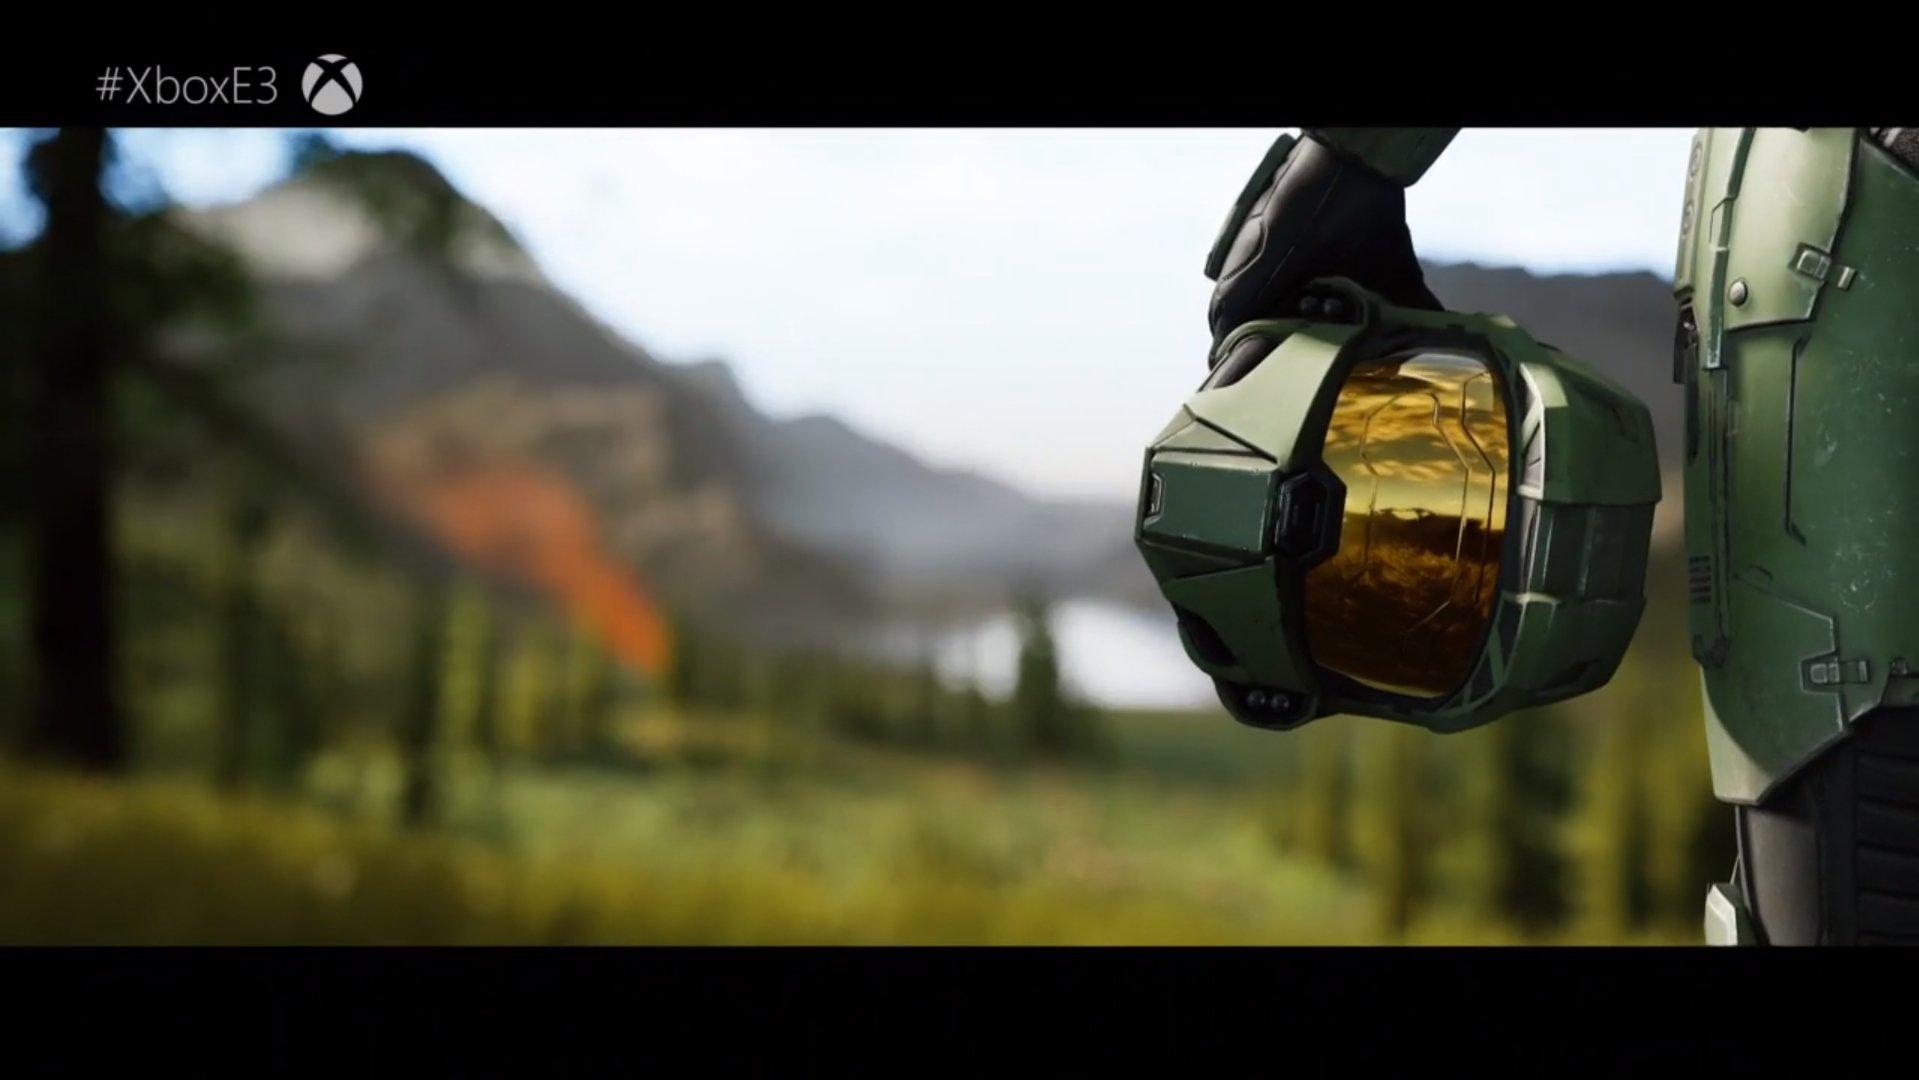 Halo Infinite annoncé pour Xbox One dans la bande-annonce de l'E3